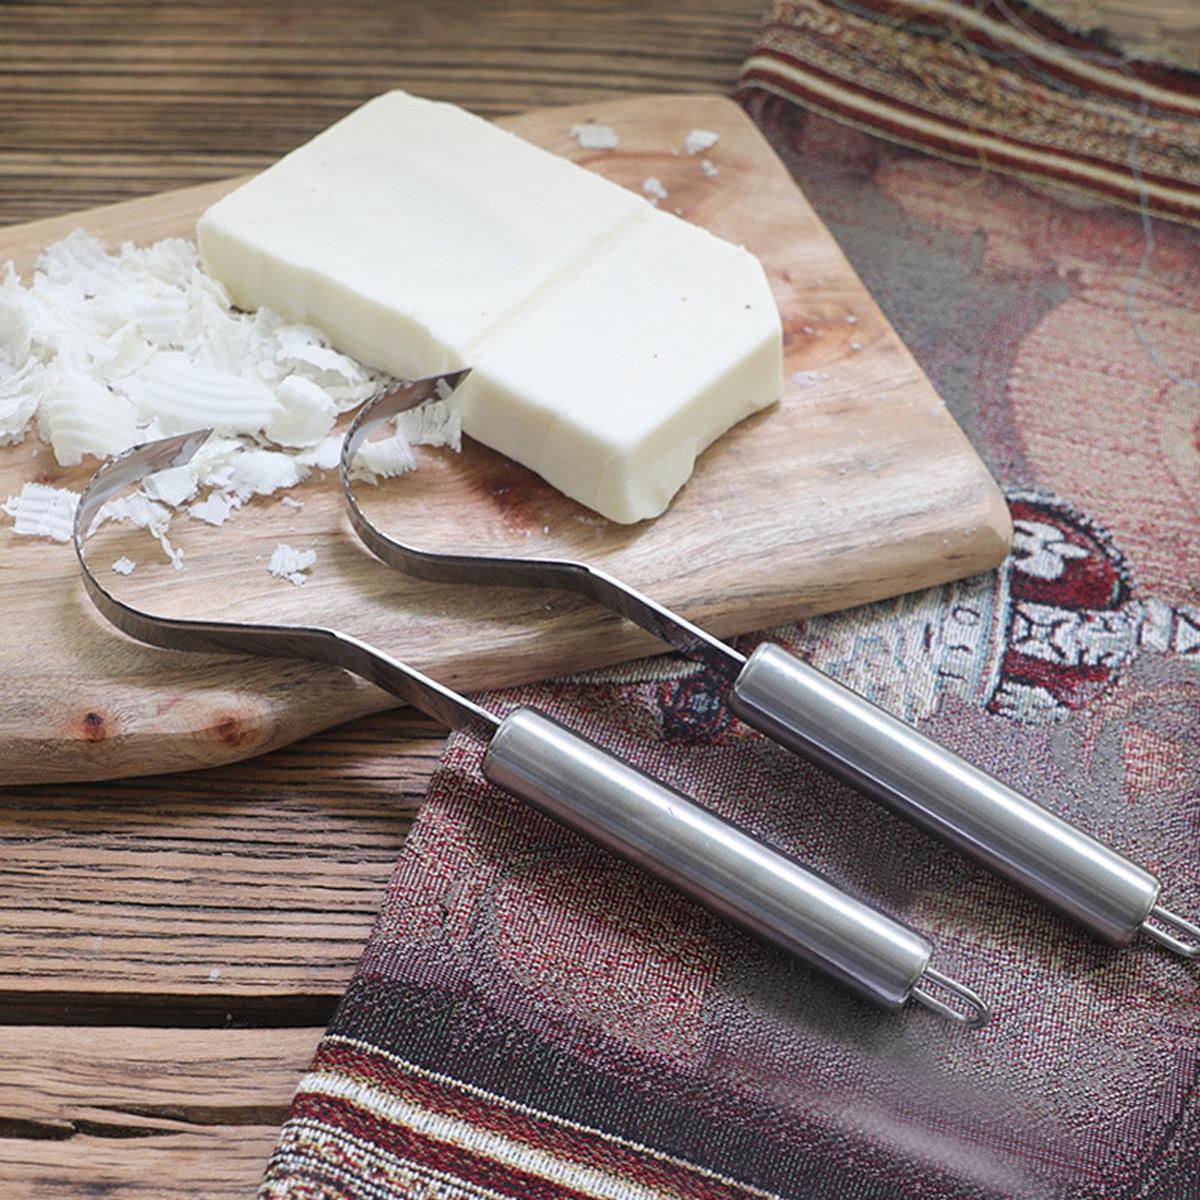 1pc Stainless Steel Shaving Knife